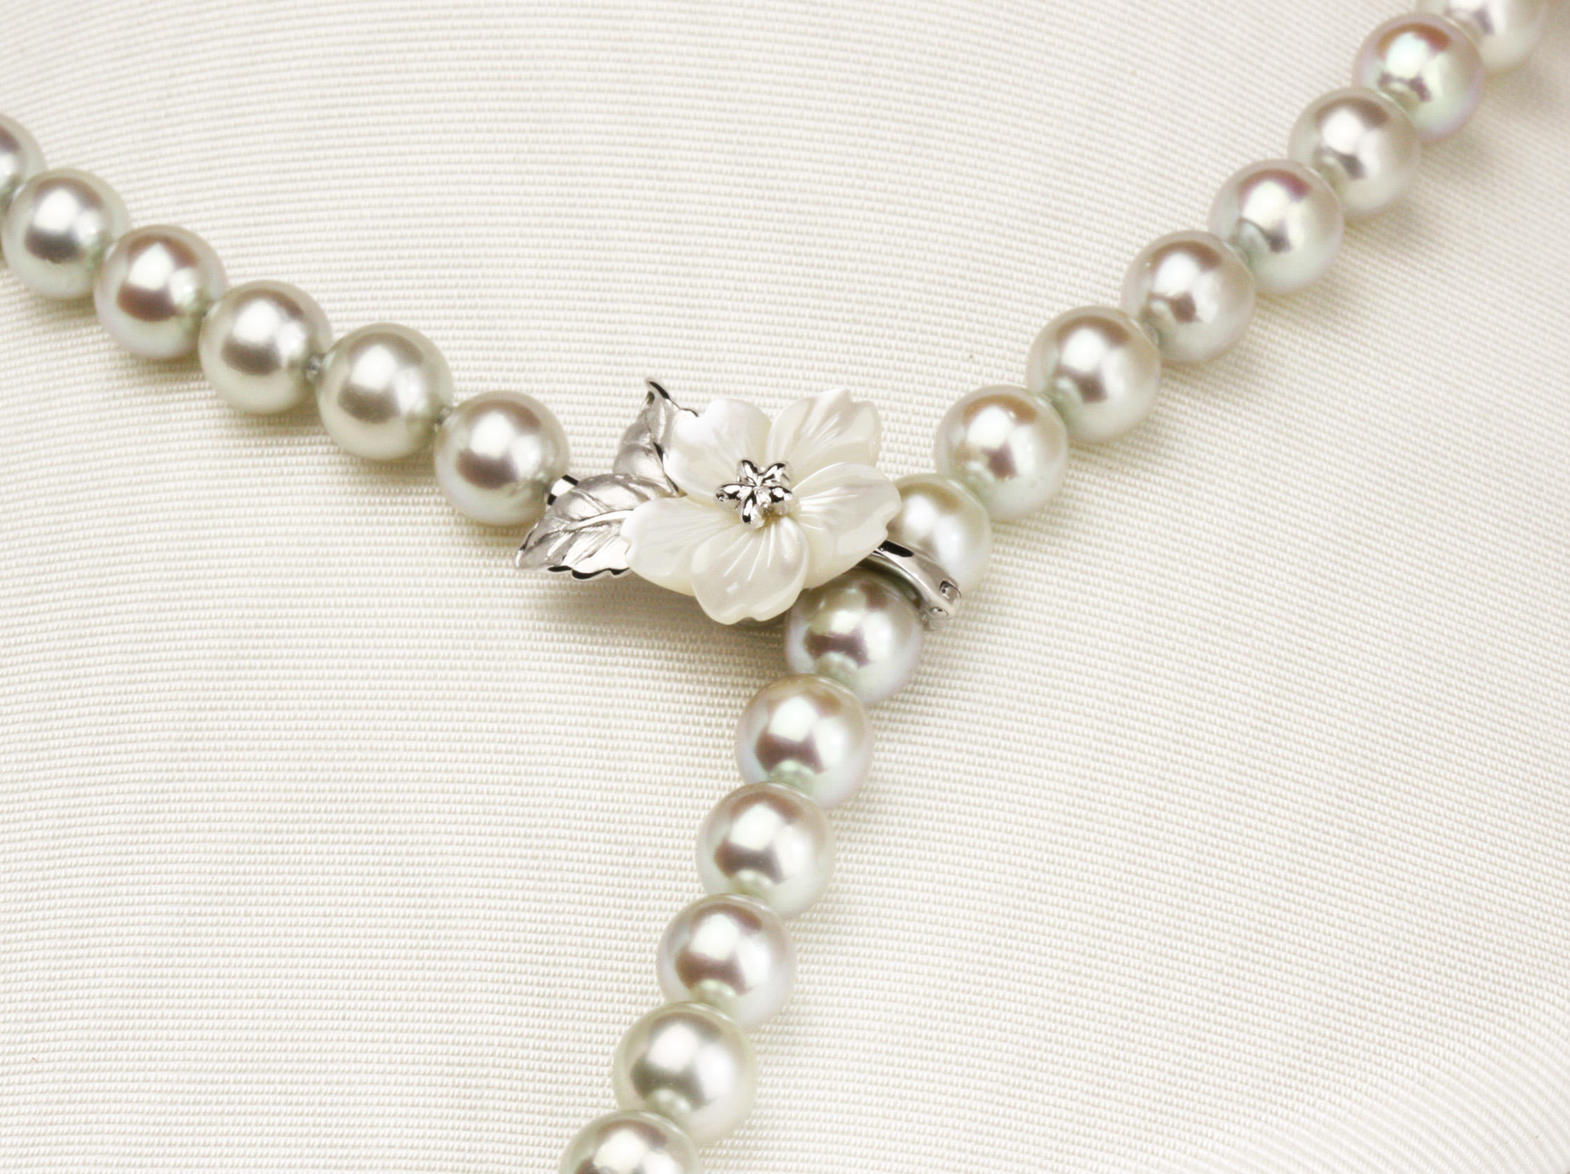 桜のマグピタ付きグレーの和珠ネックレス